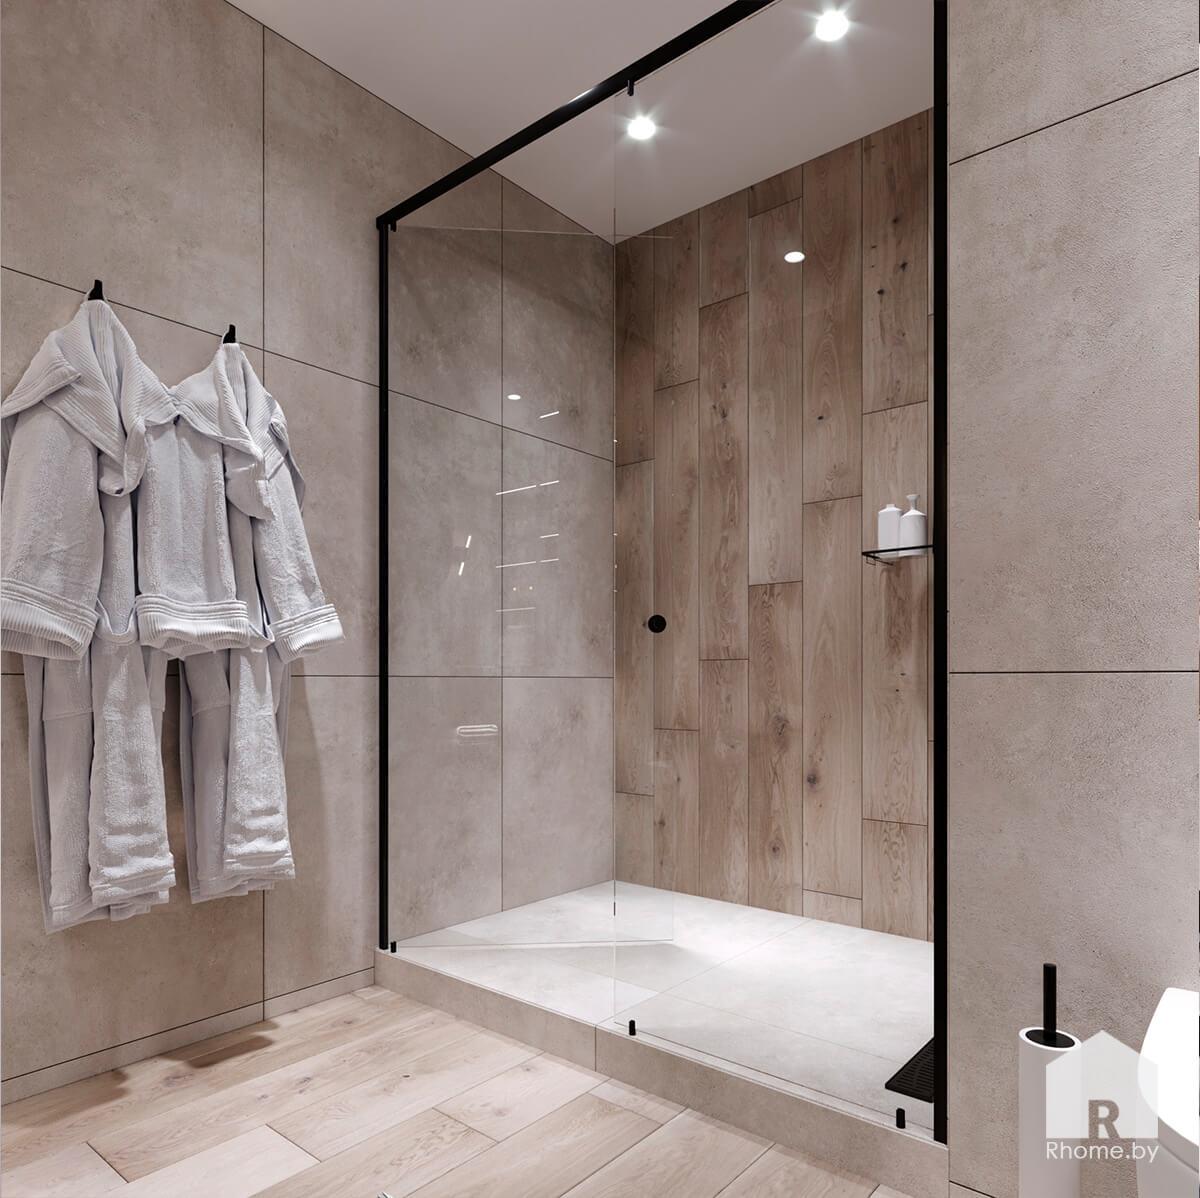 Квартира в Новой Боровой. Ванная комната с плиткой под камень